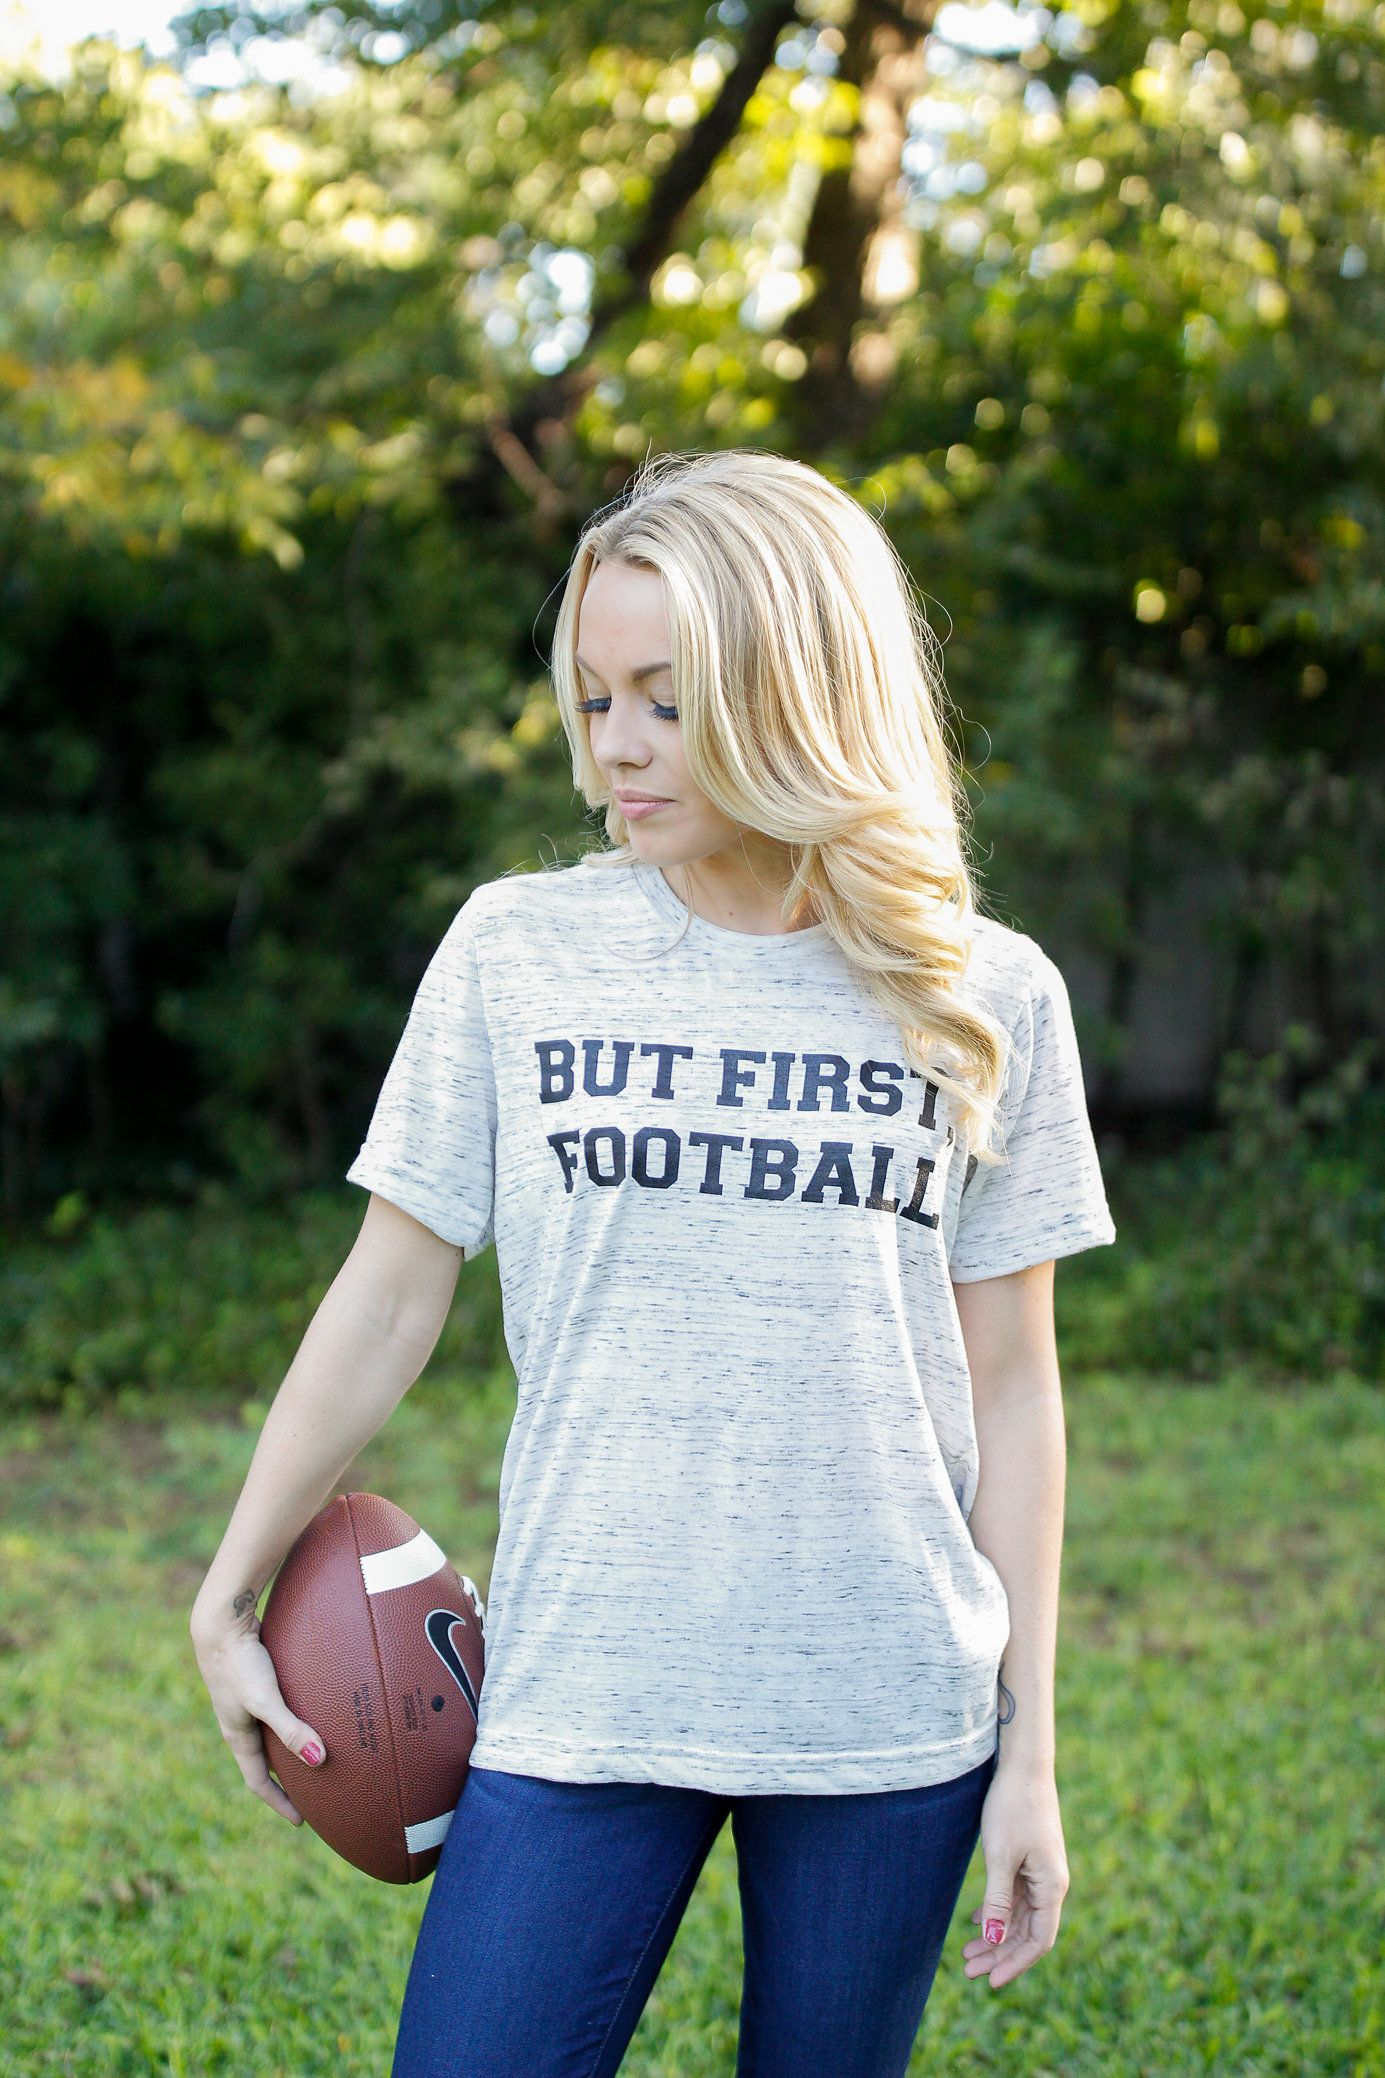 BUT FIRST #FOOTBALL